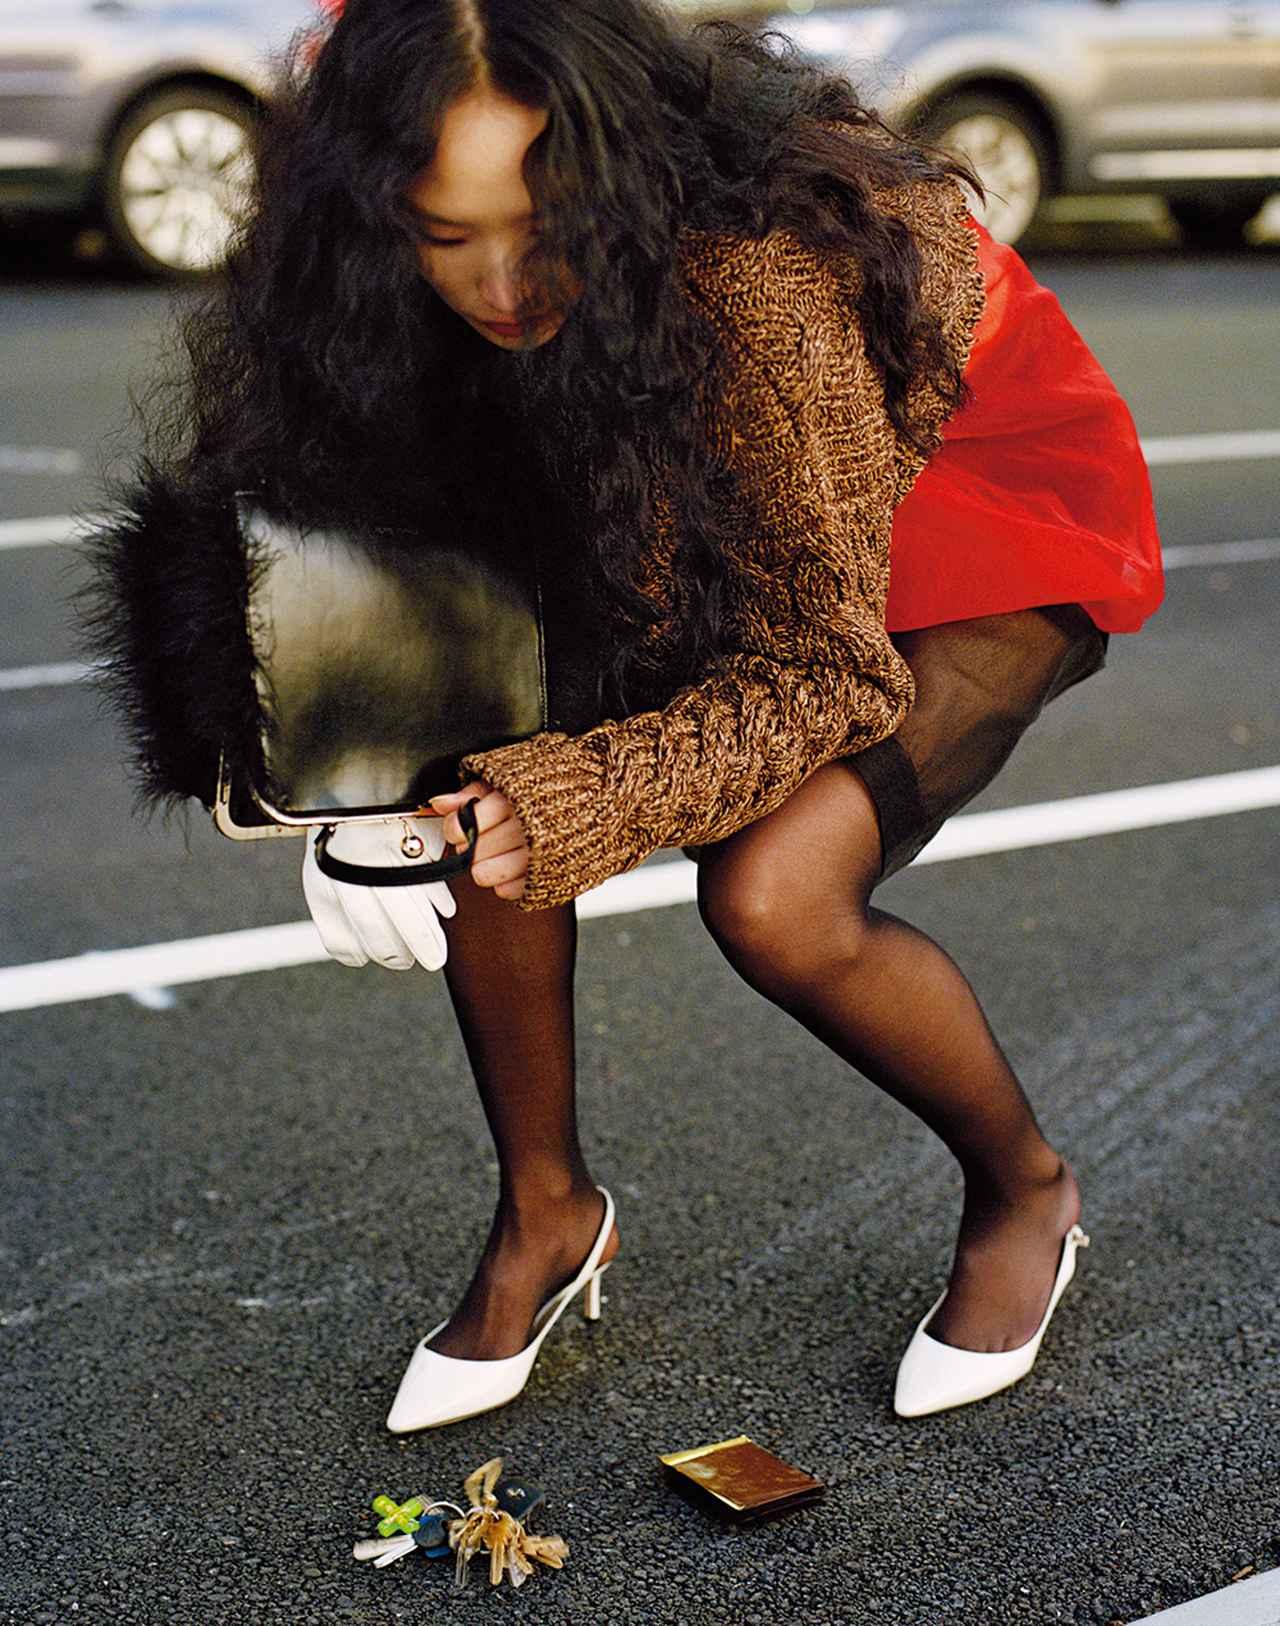 Images : 3番目の画像 - 「日常に華麗なるカオスを。 パワフルに着こなす 「レディ・ライク」」のアルバム - T JAPAN:The New York Times Style Magazine 公式サイト